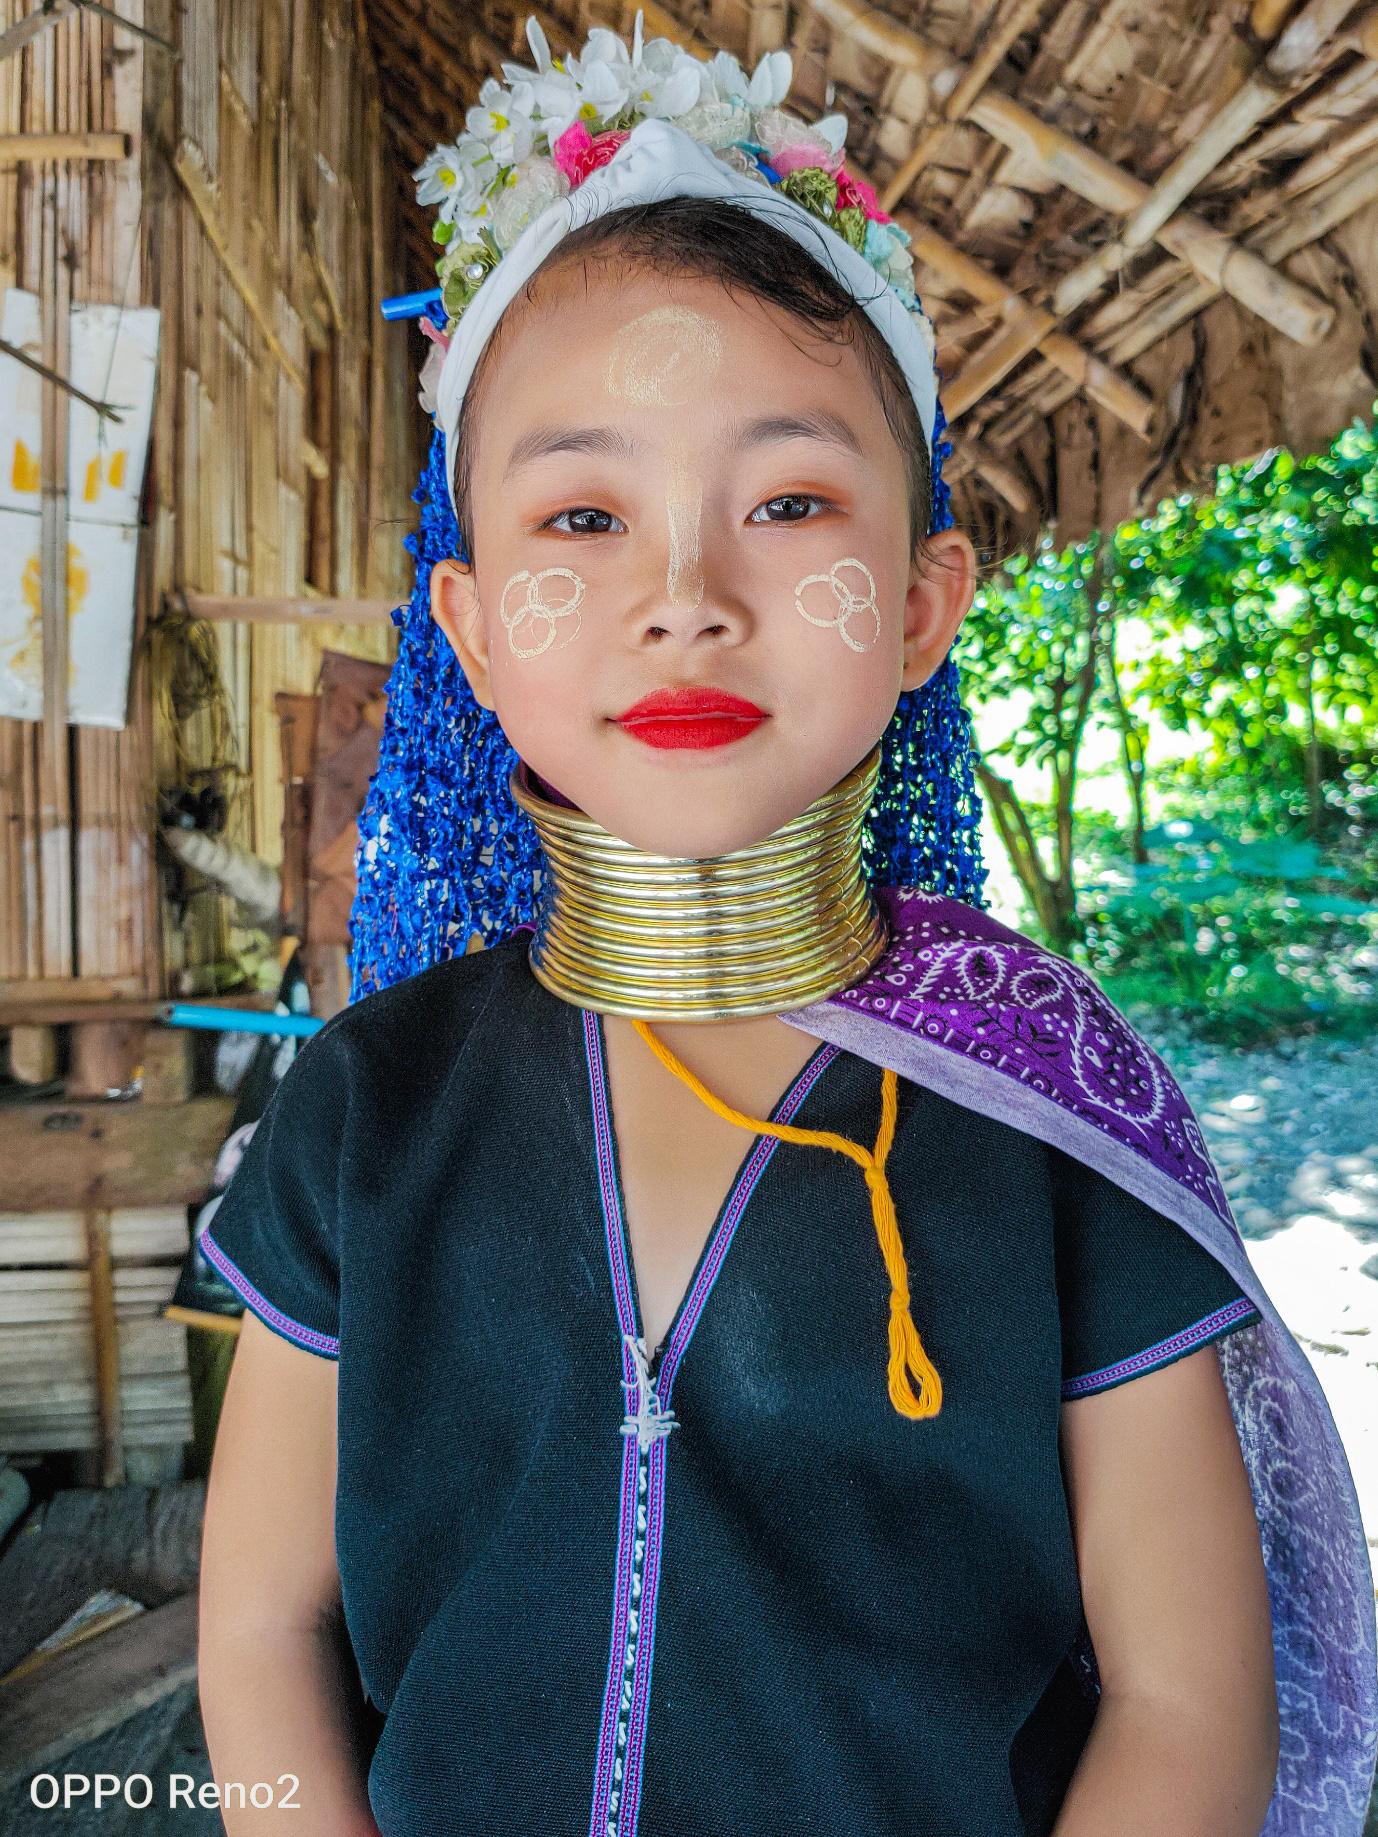 Khám phá vẻ đẹp cổ kính và thanh bình của Chiang Mai qua ống kính OPPO Reno2 - Ảnh 6.